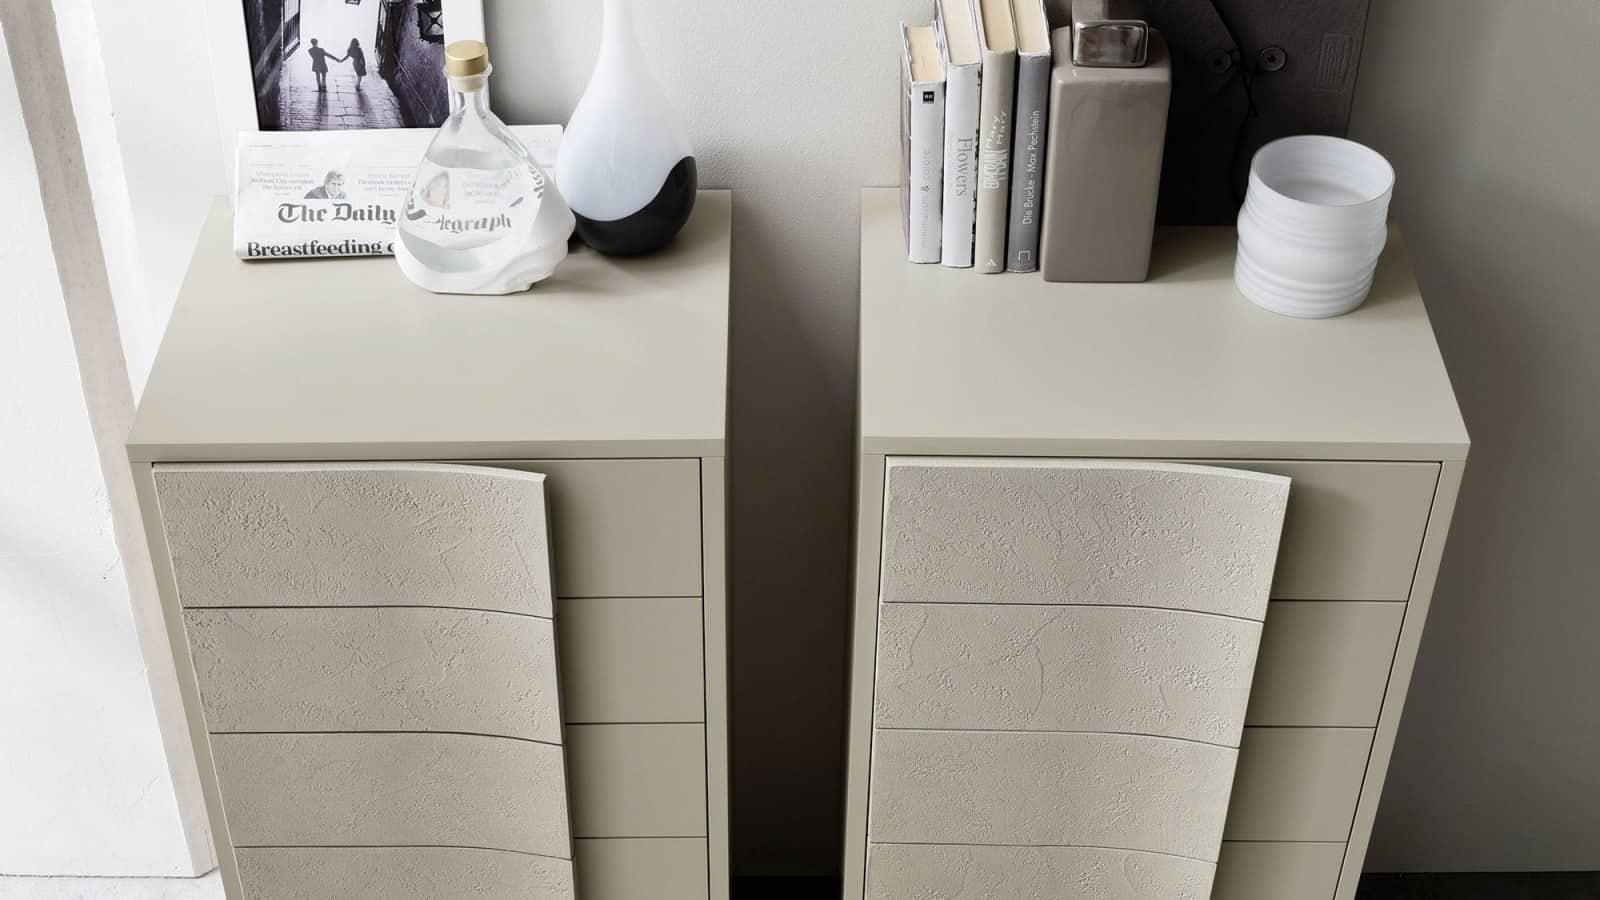 Myl Idea progetta arredamento italiano per camere da letto, cabine armadio e zona notte, moderne, componibili e su misura a Torino